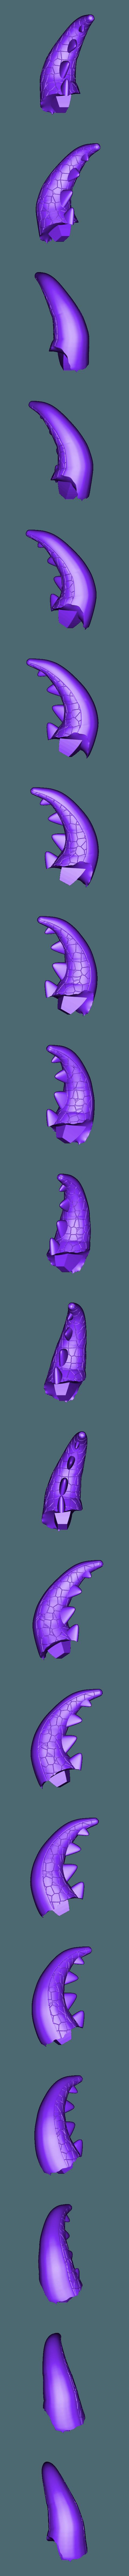 Renekton Chibi 20cm - Tail.stl Télécharger fichier STL gratuit Renekton Chibi - League Of Legends • Objet pour impression 3D, BODY3D